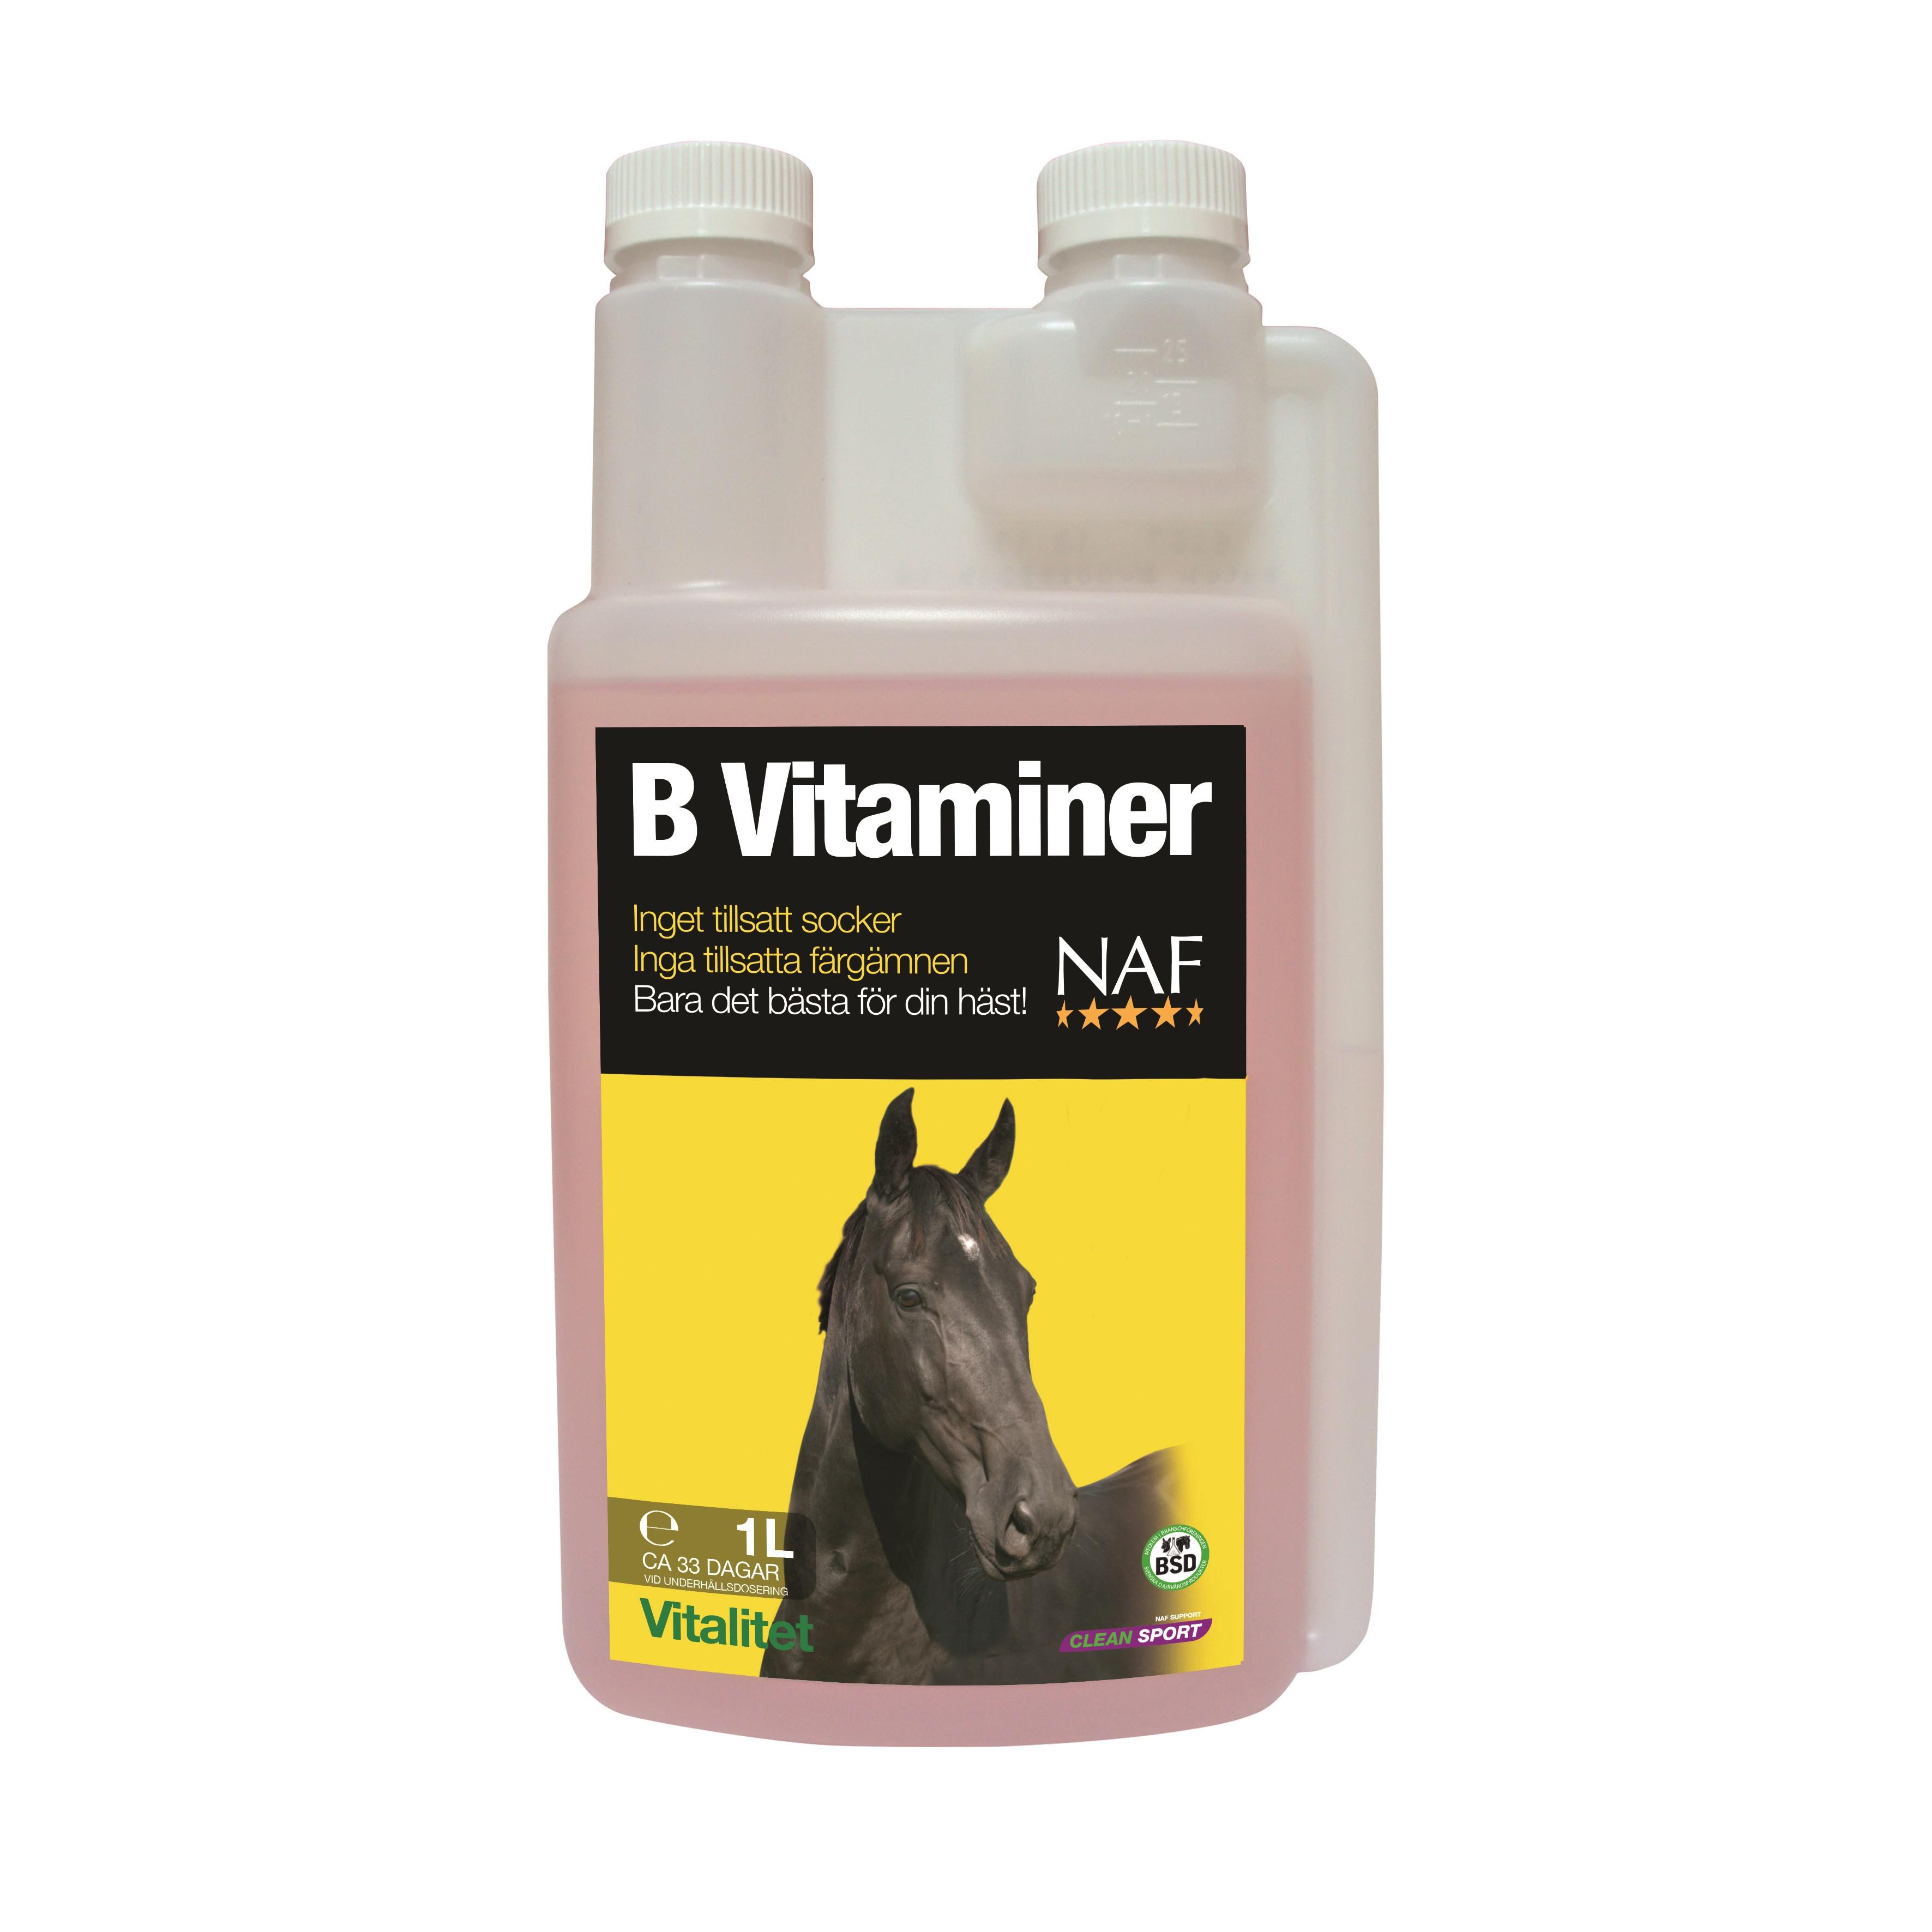 B-VITAMIN NAF 1 L